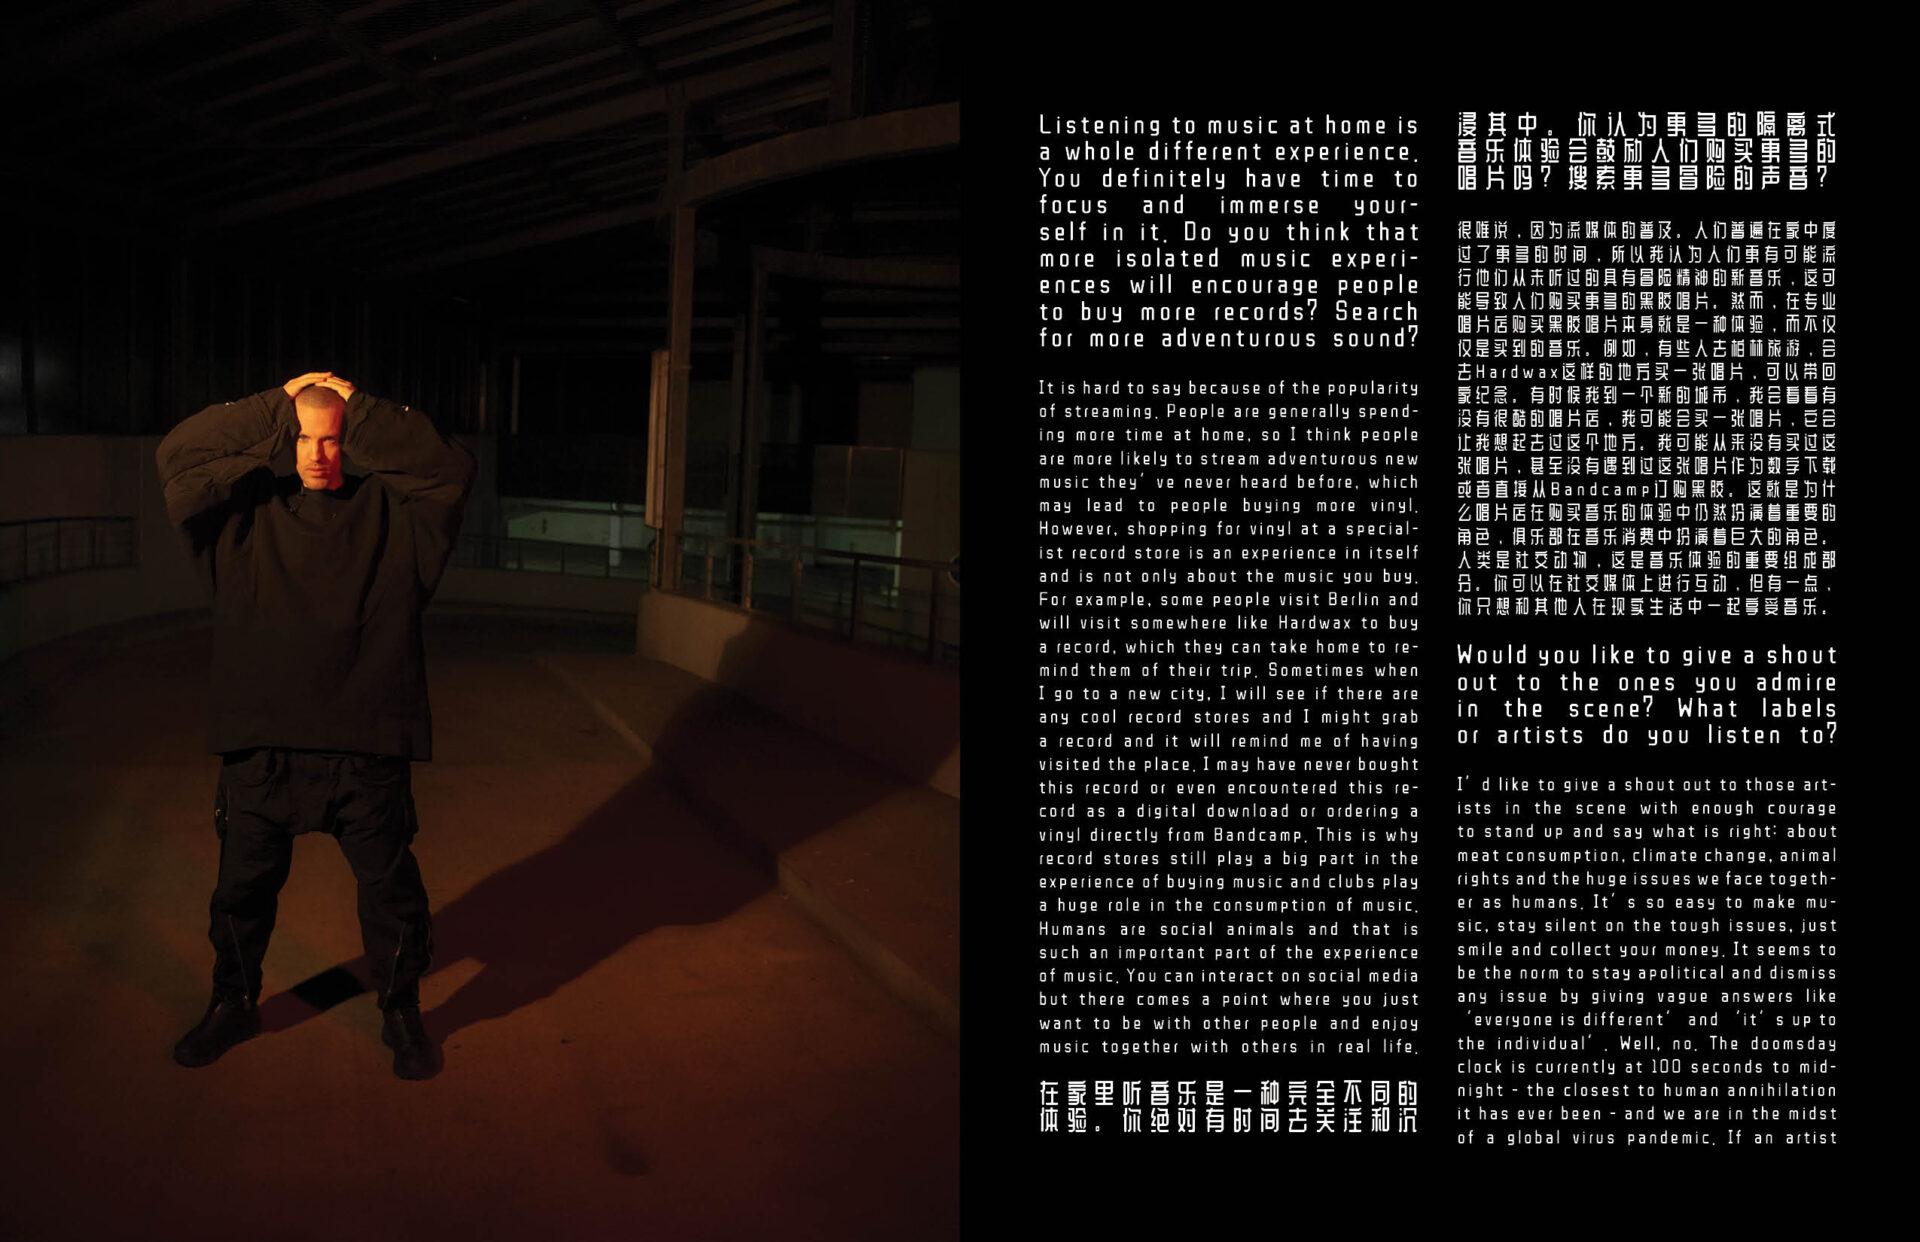 Tommy Four Seven interview by Anka Pitu and photos by Grzegorz Bacinski & Izabella Chrobok from KEYI Studio